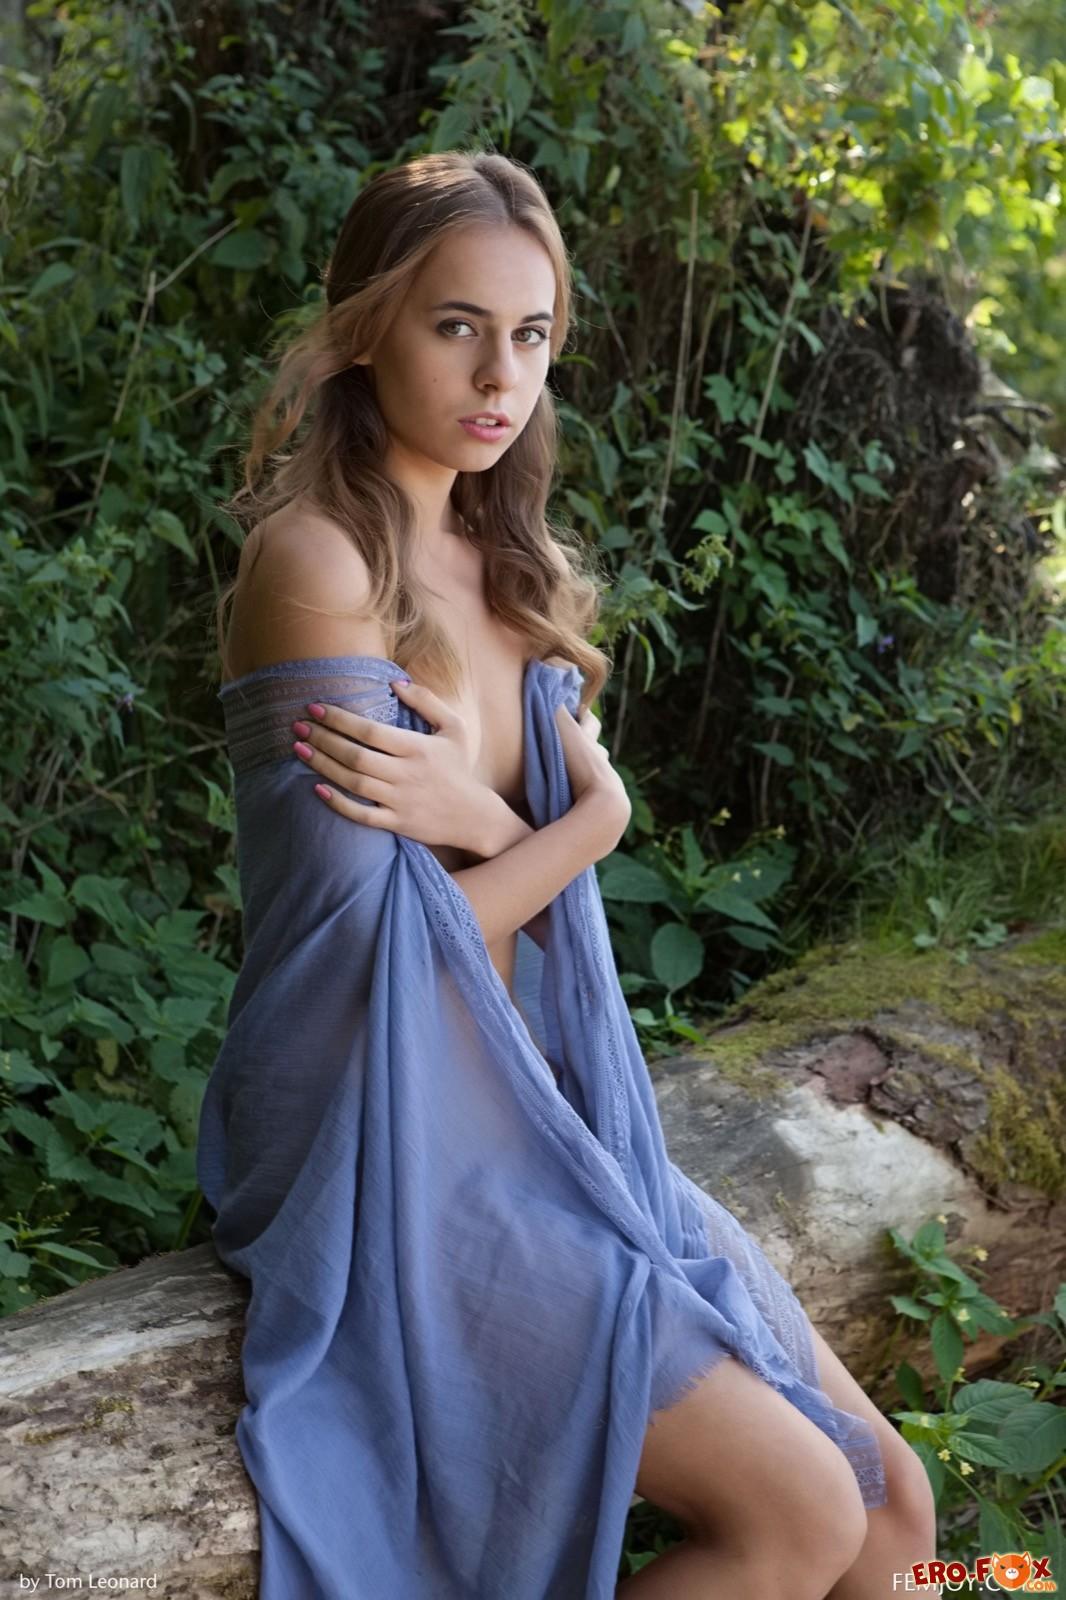 Голая девушка с платком эротично позирует на природе